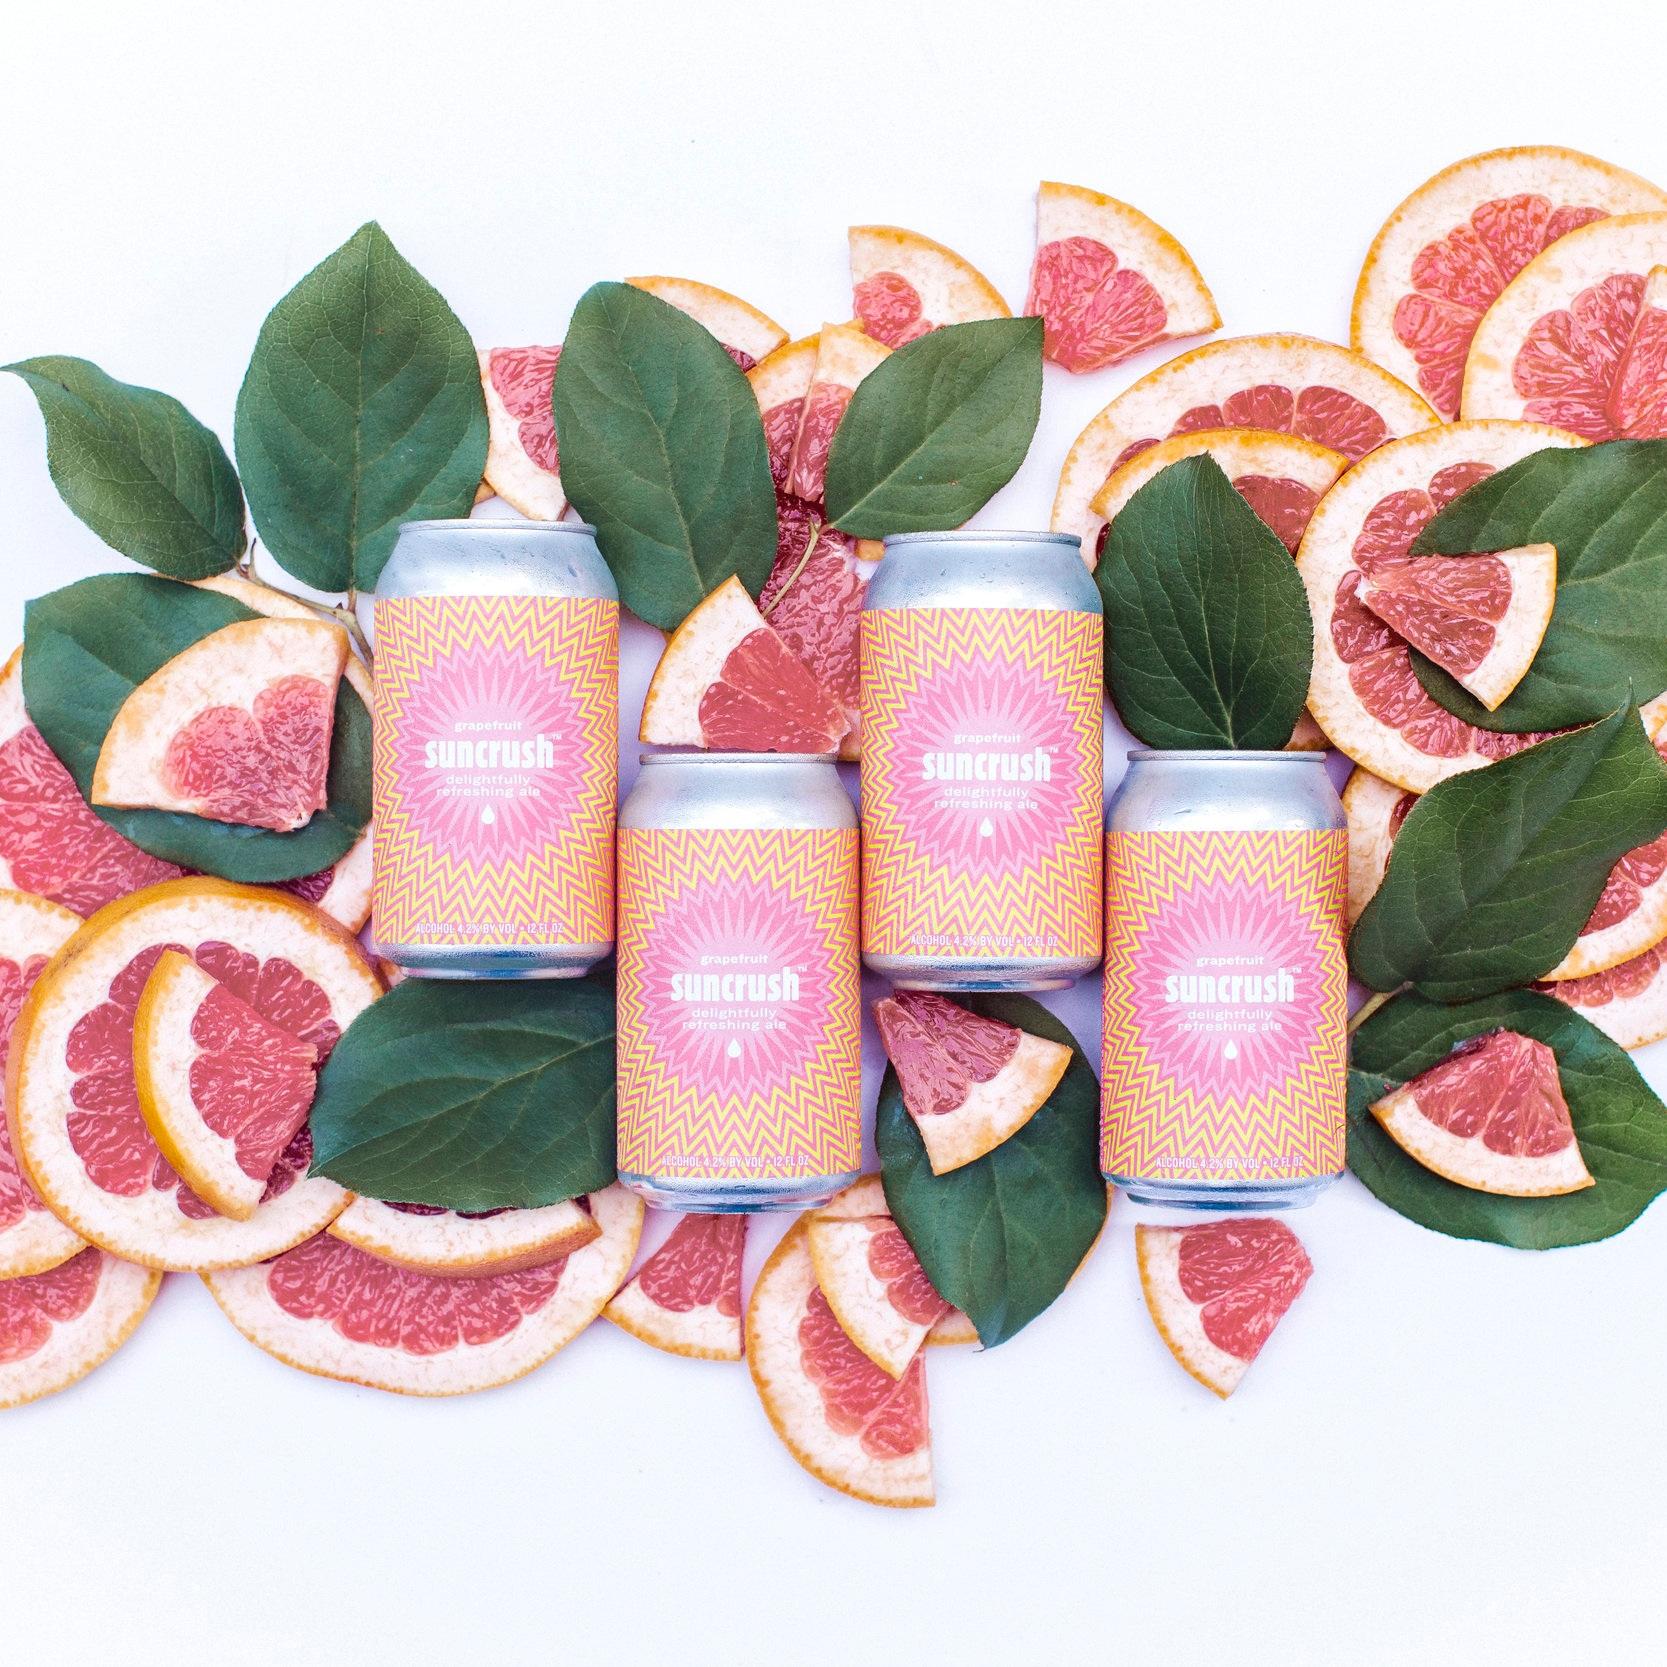 Grapefruit Suncrush Cans.jpg